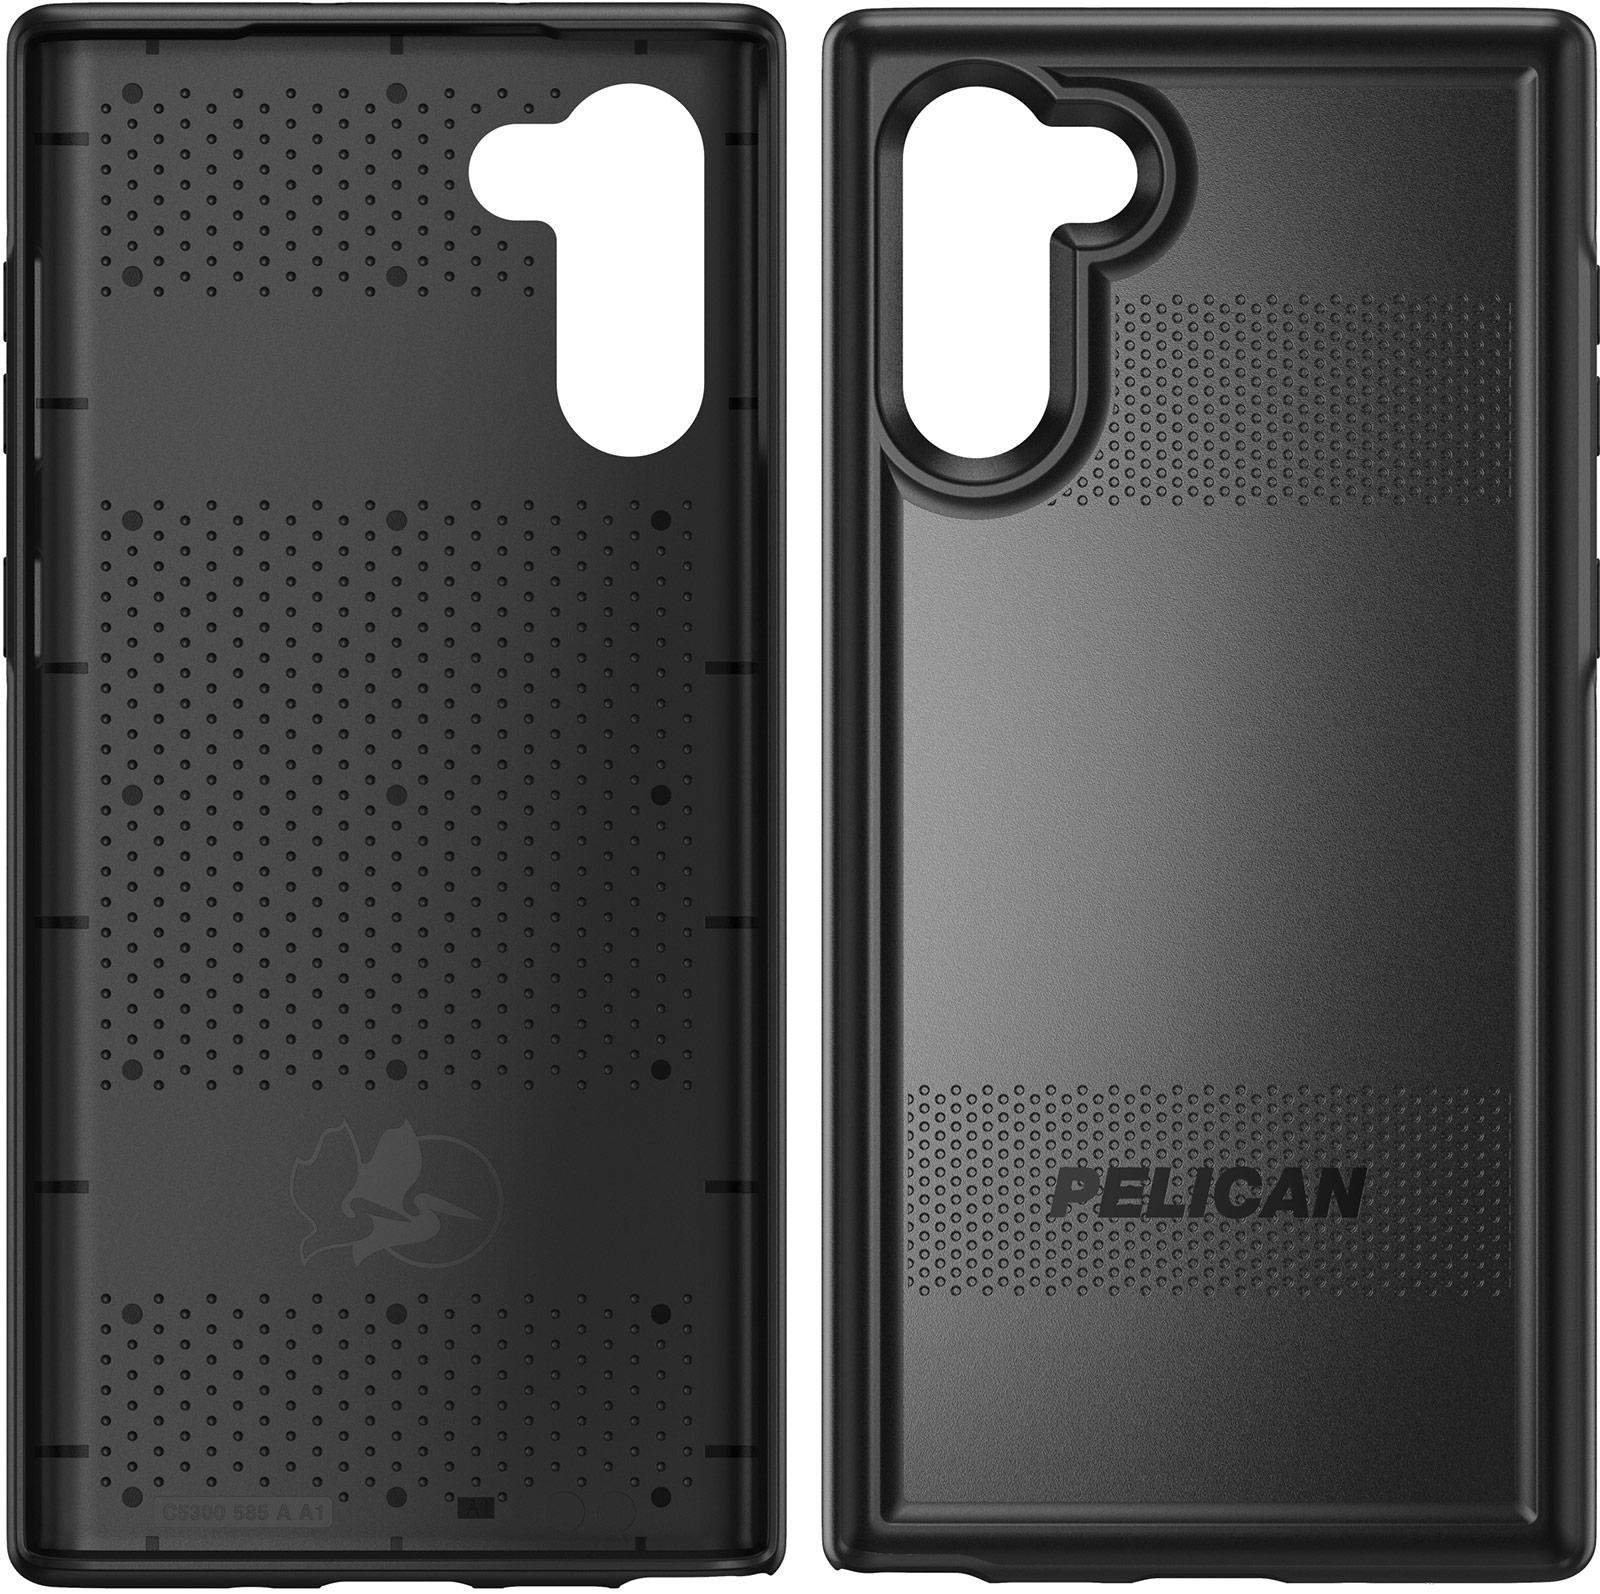 pelican note 10 protector case